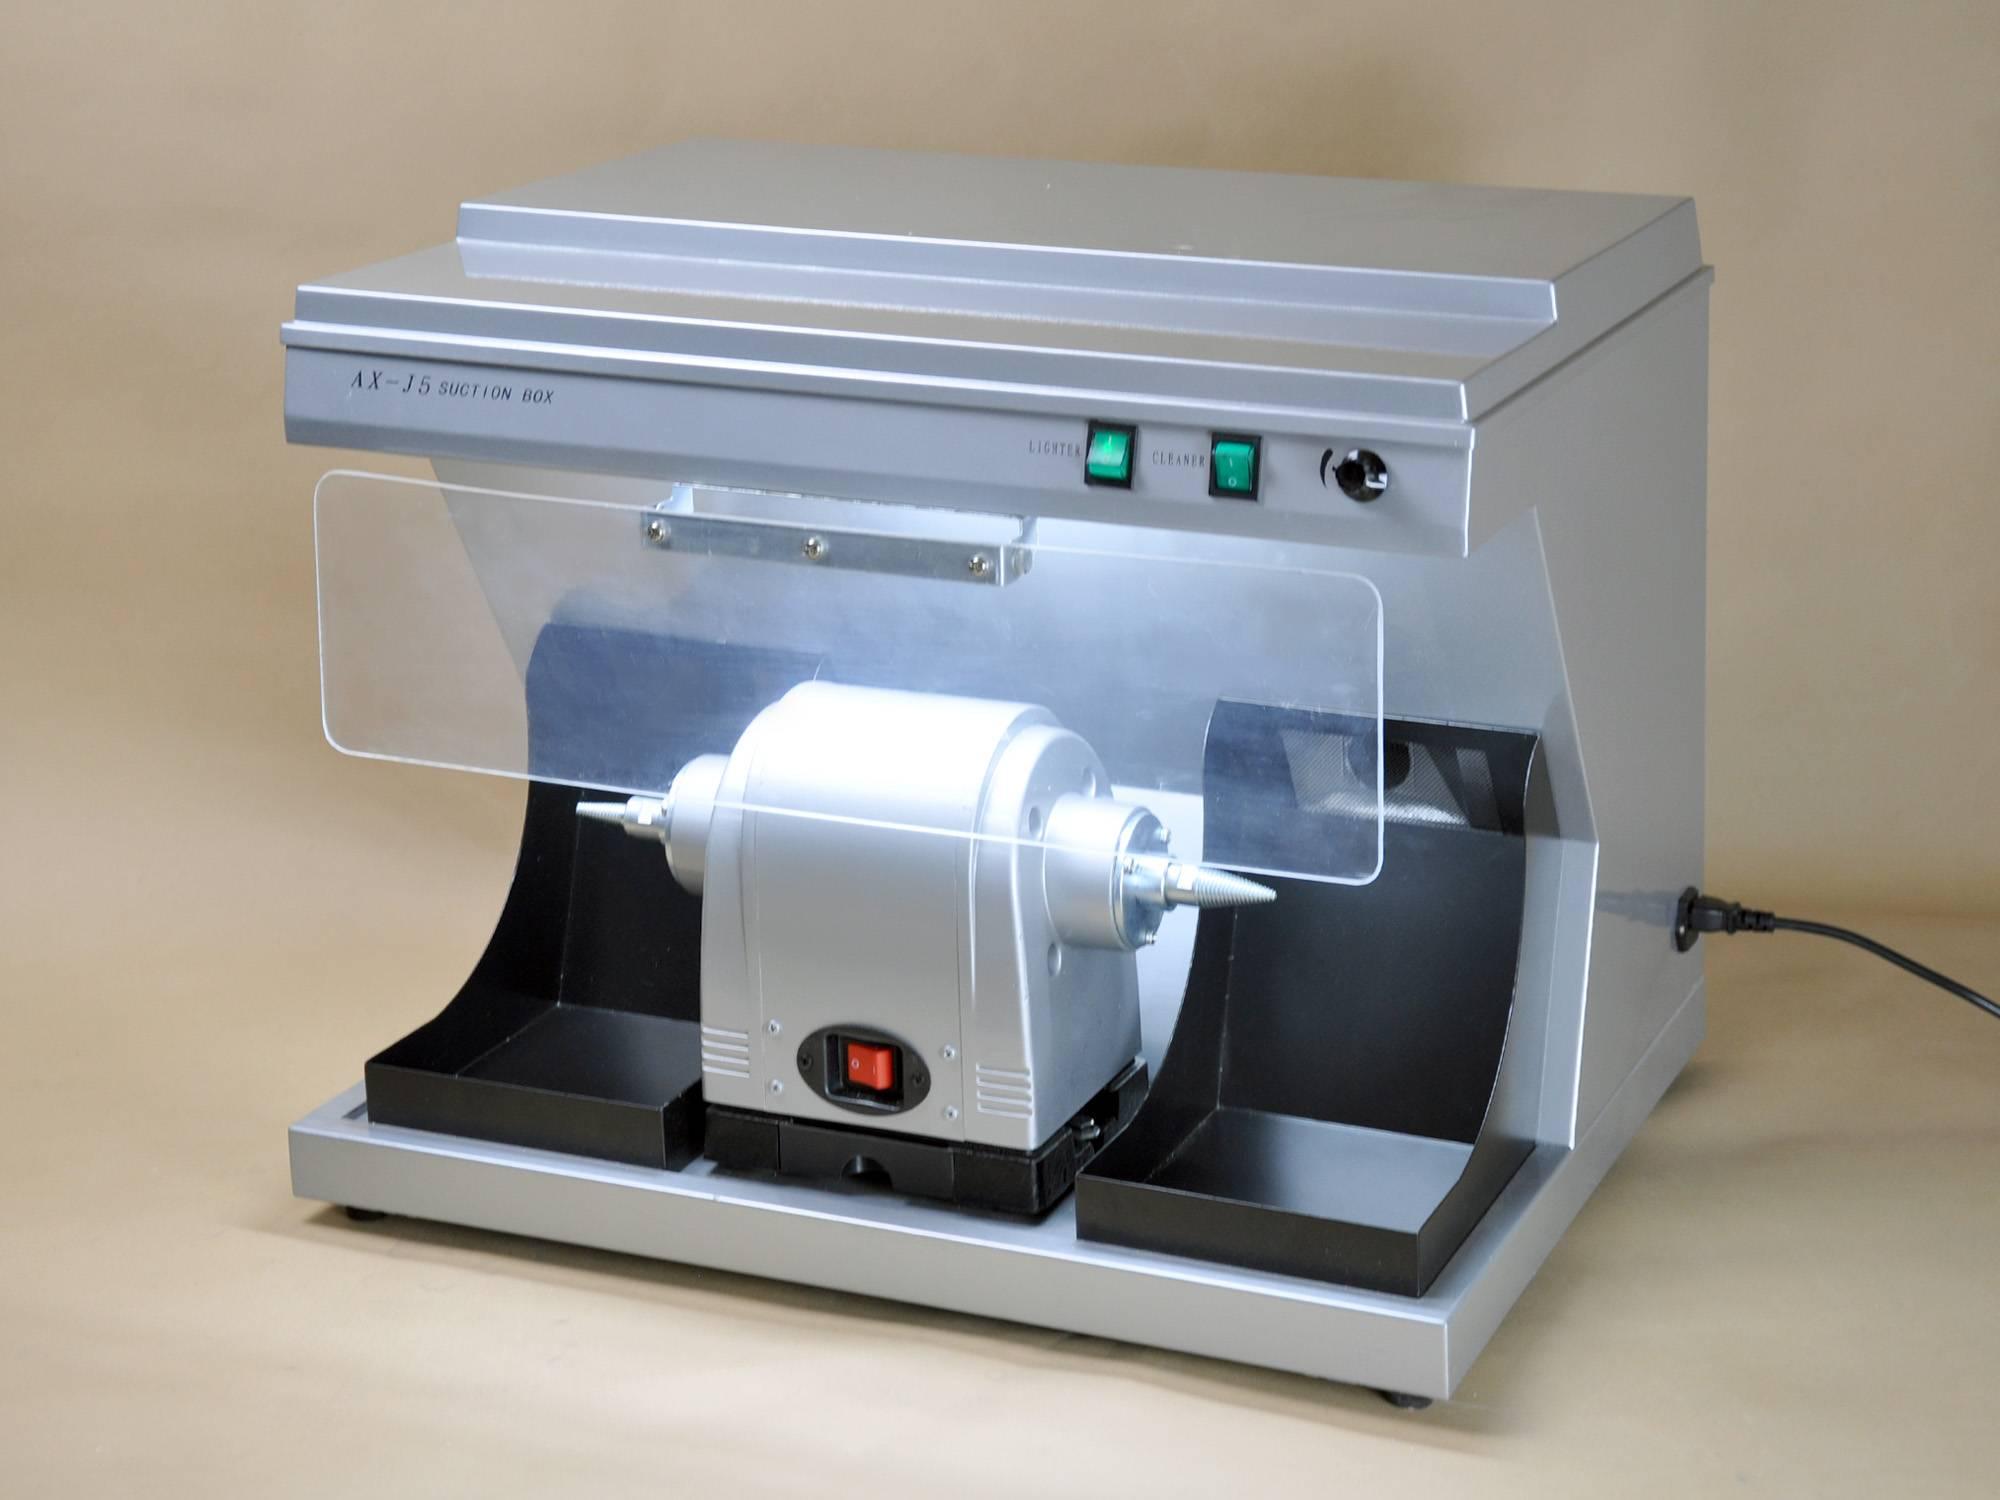 AX-J5 dental lab polishing compact unit